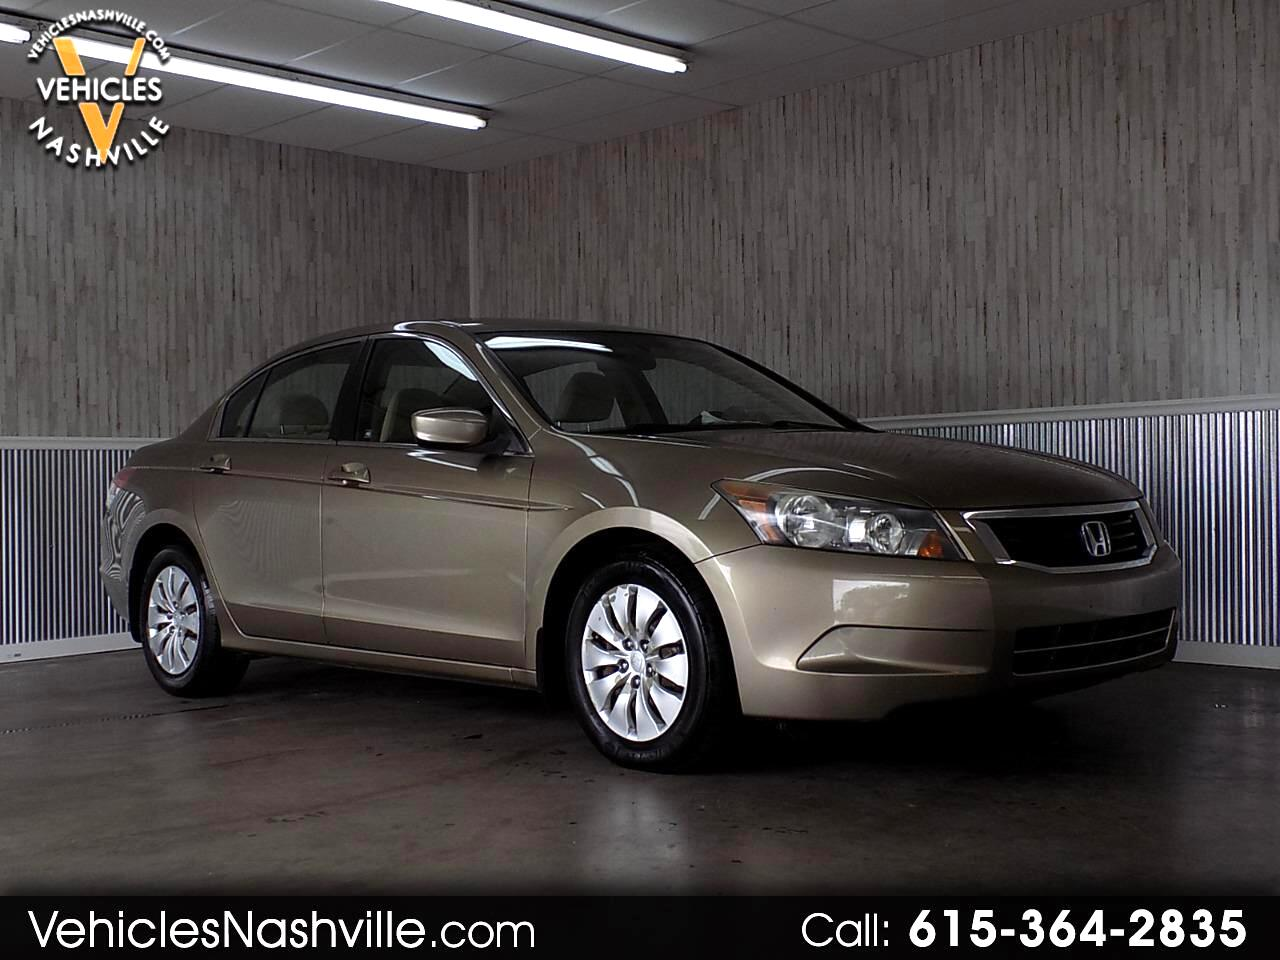 2010 Honda Accord LX sedan AT